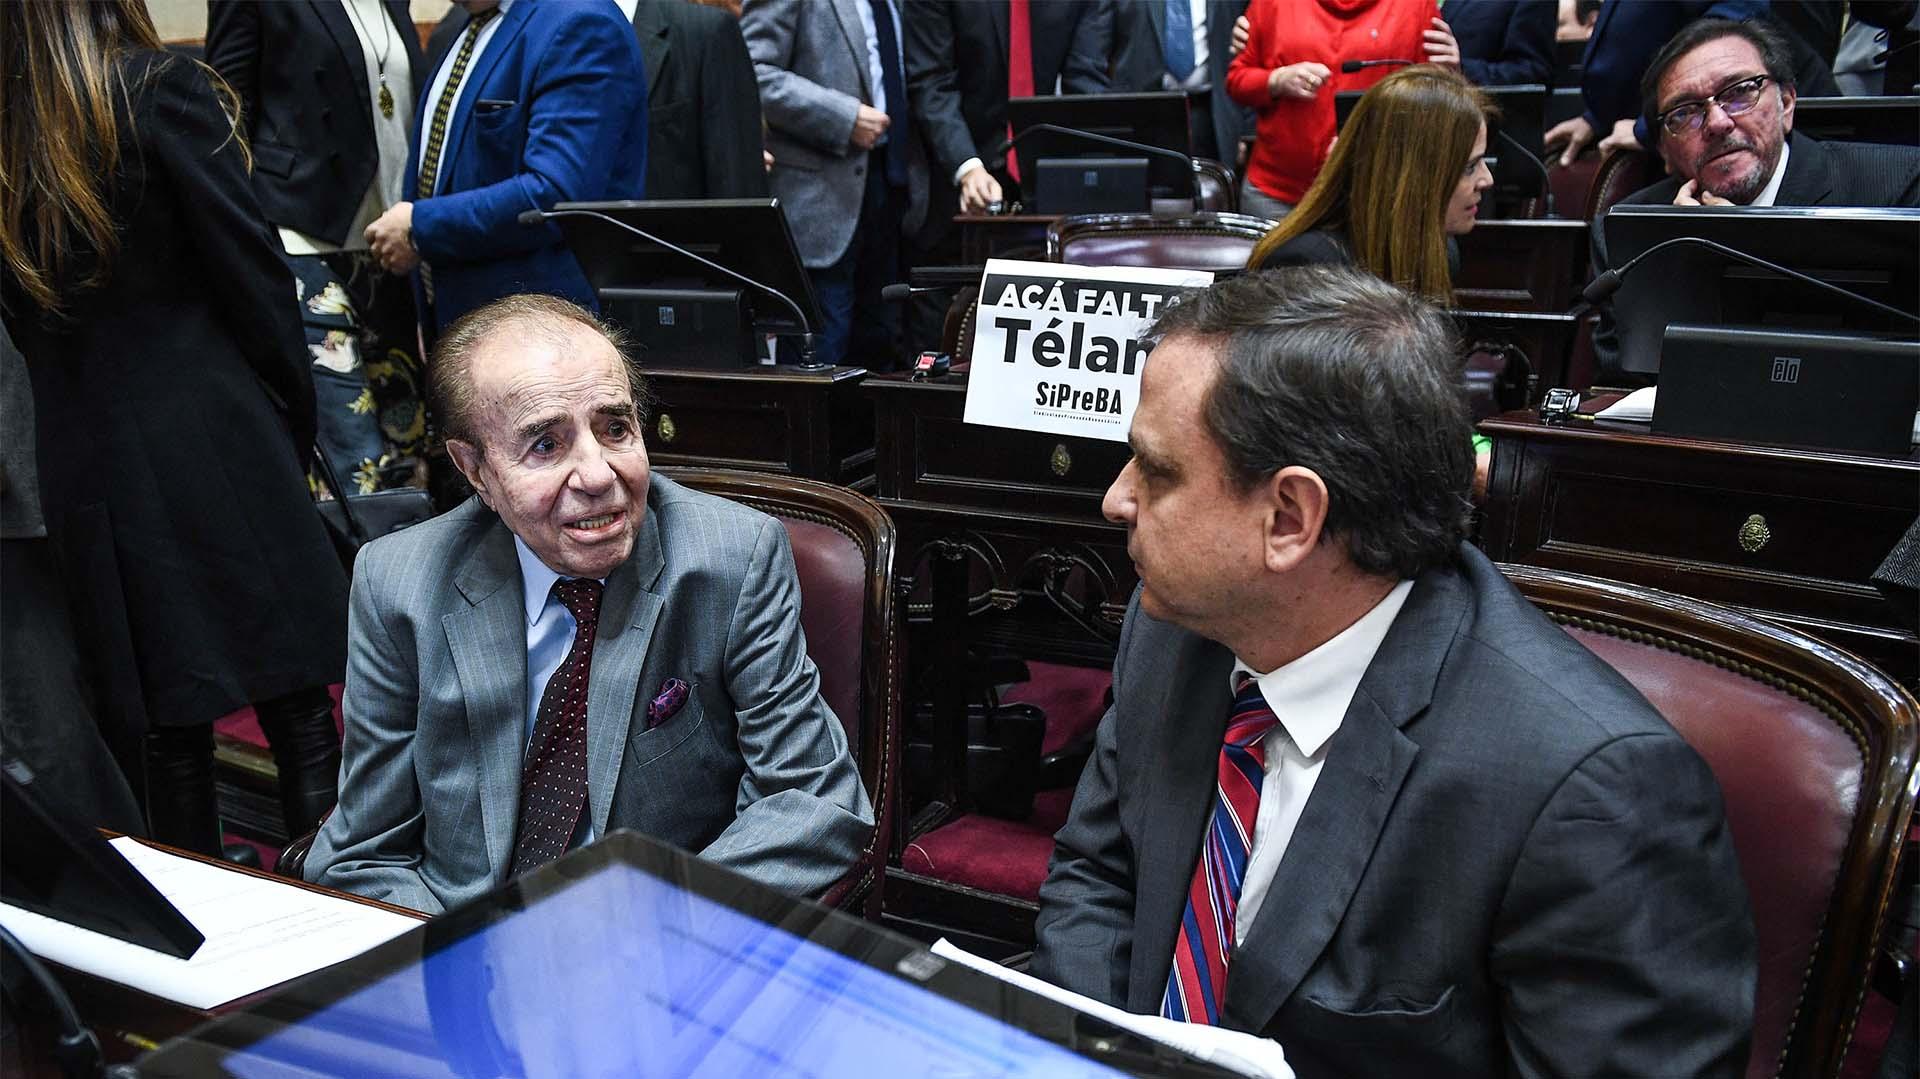 El senador de La Rioja Carlos Menem y el senador de Jujuy Guillermo Snopek